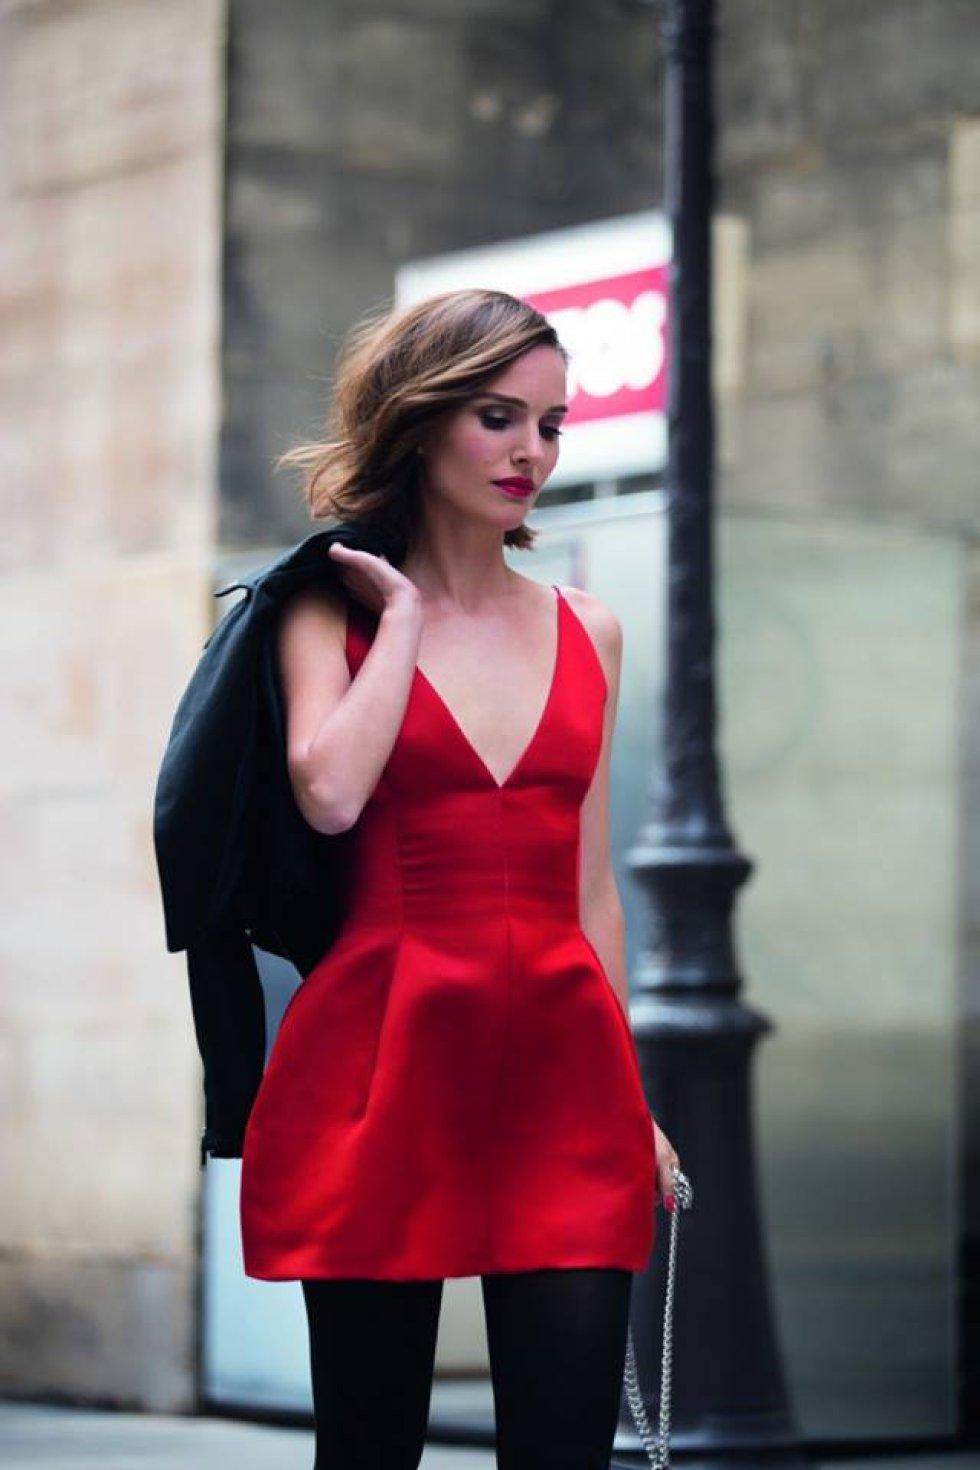 La polifacética, Natalie Portman, además de ser una excelente actriz es directora, productora y psicóloga judía.